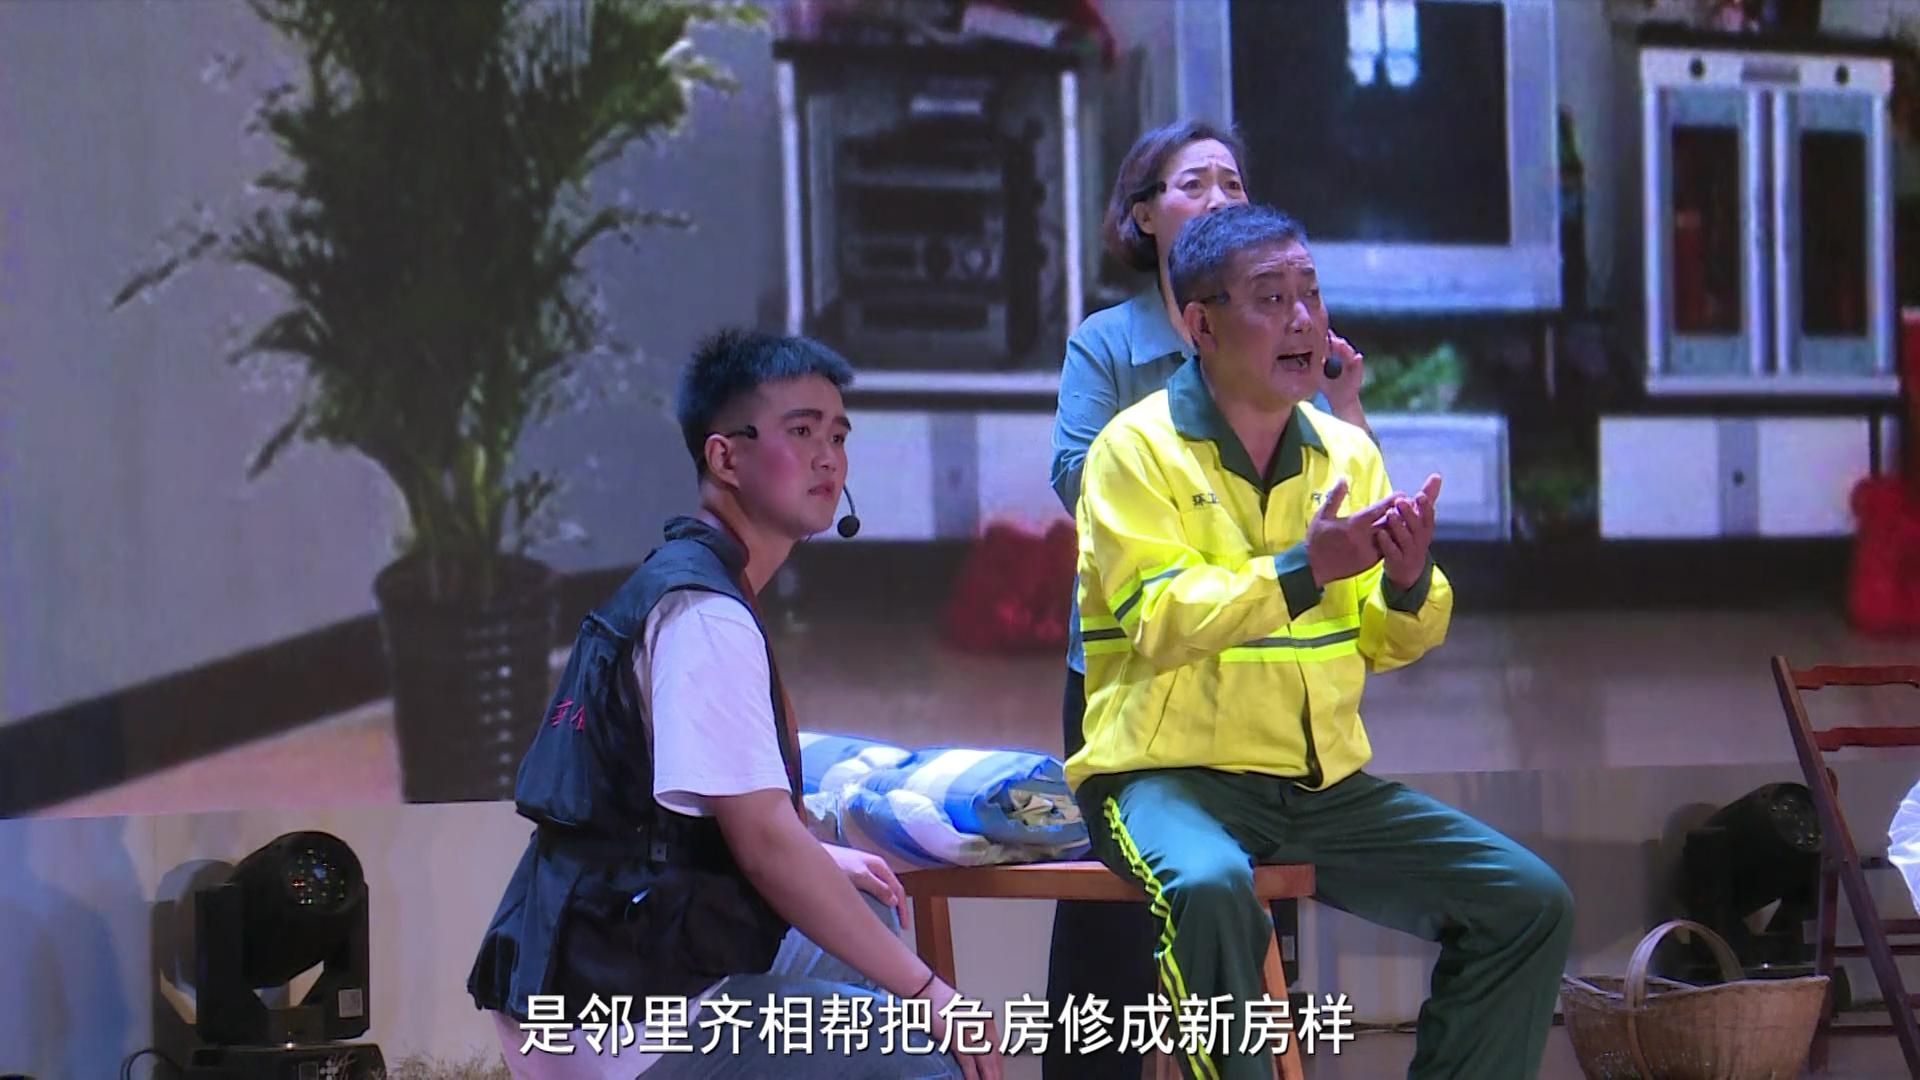 皖南花鼓戏轻喜剧文明小戏《寻找平一》[00_12_56][20201012-104206].png